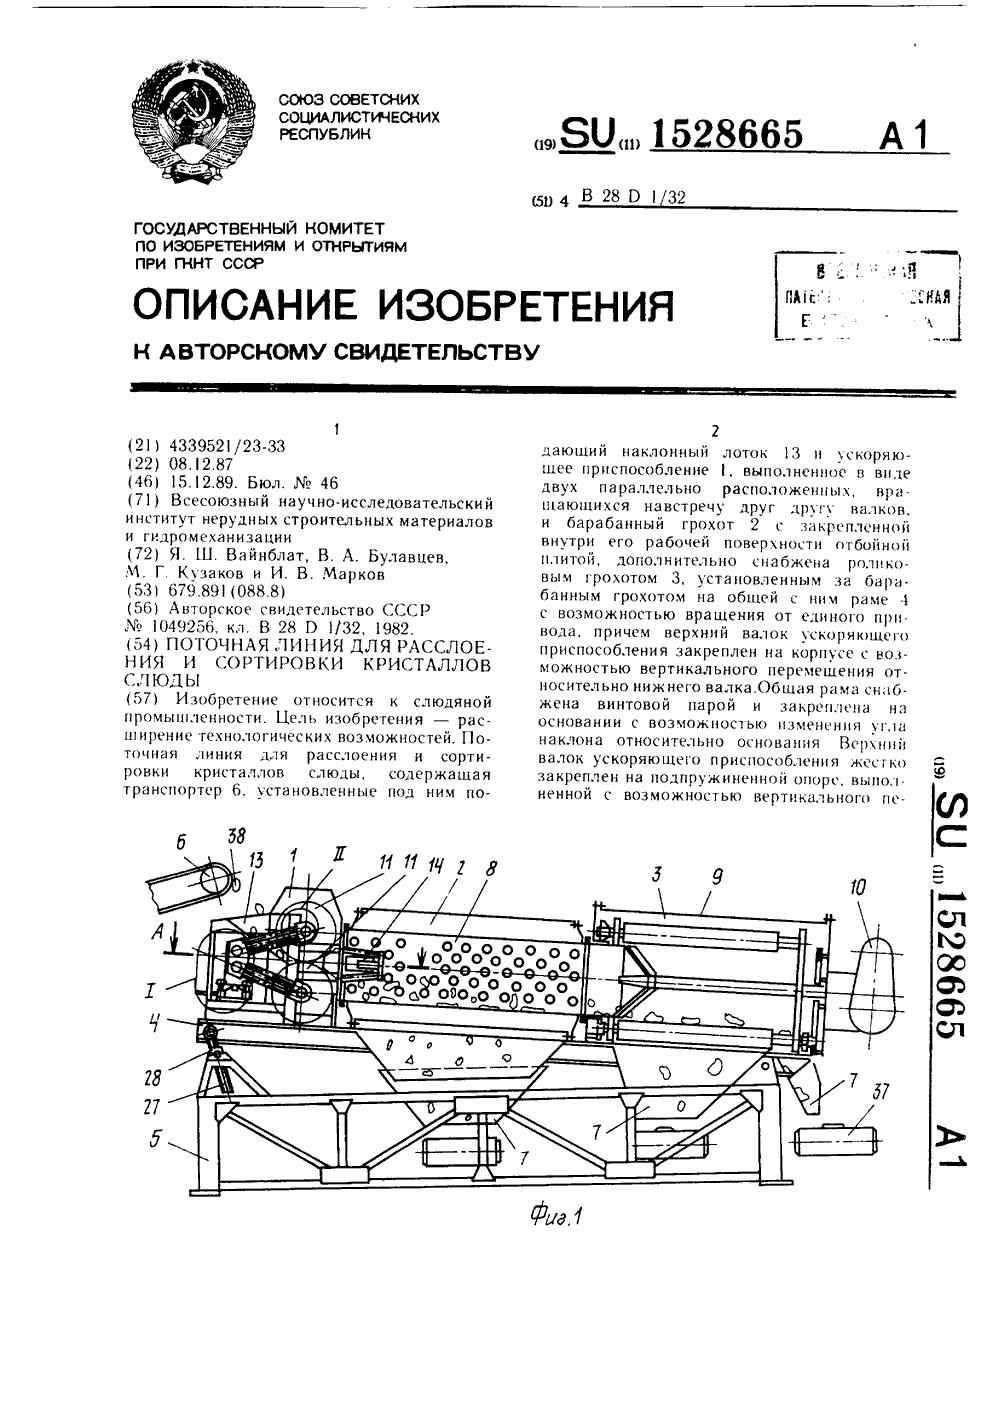 ремонт обогатительного оборудования в Сальск